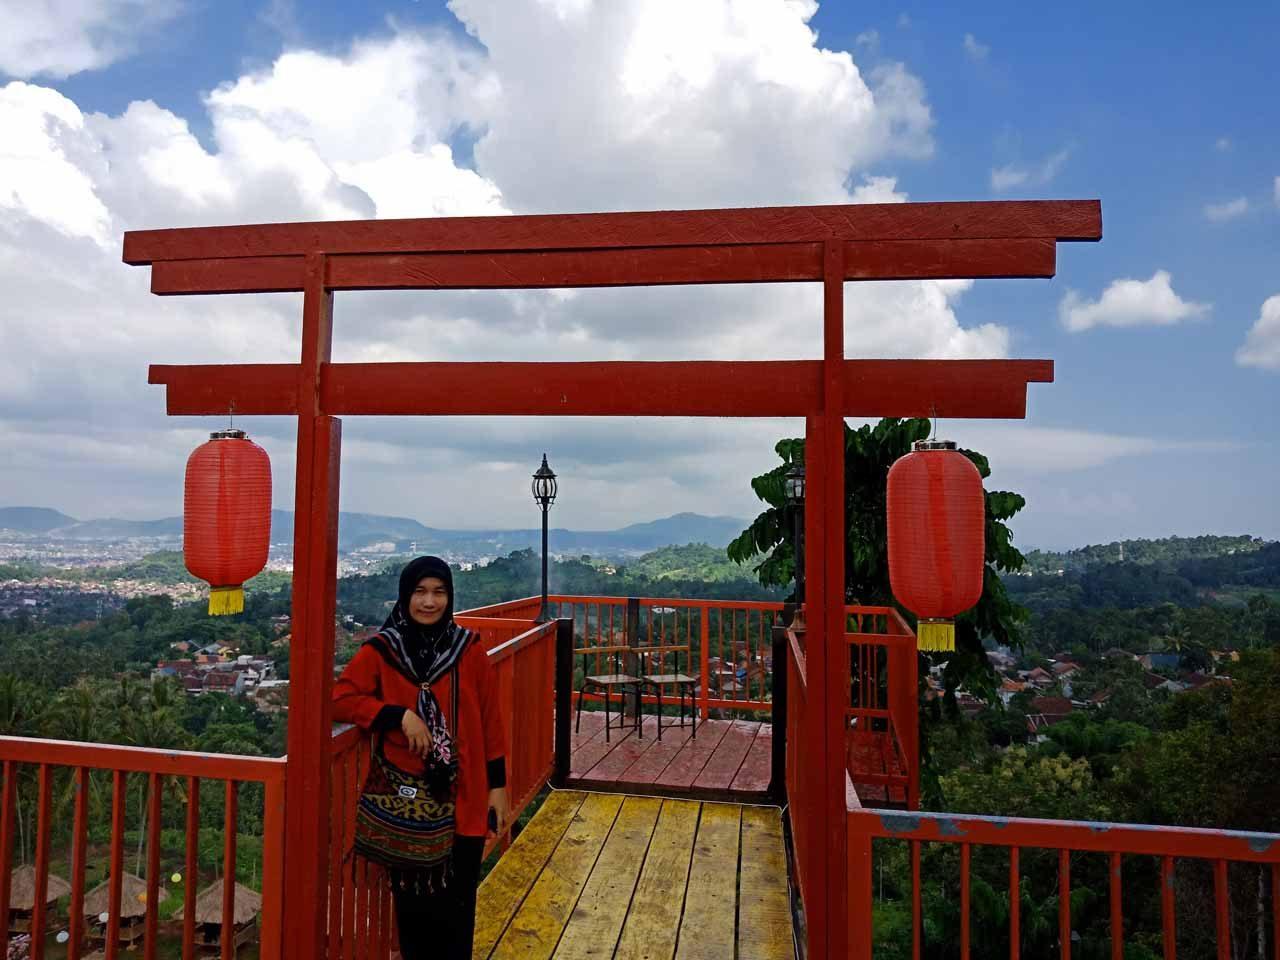 Bukit Sakura Bandar lampung - yopie pangkey - yopiefranz